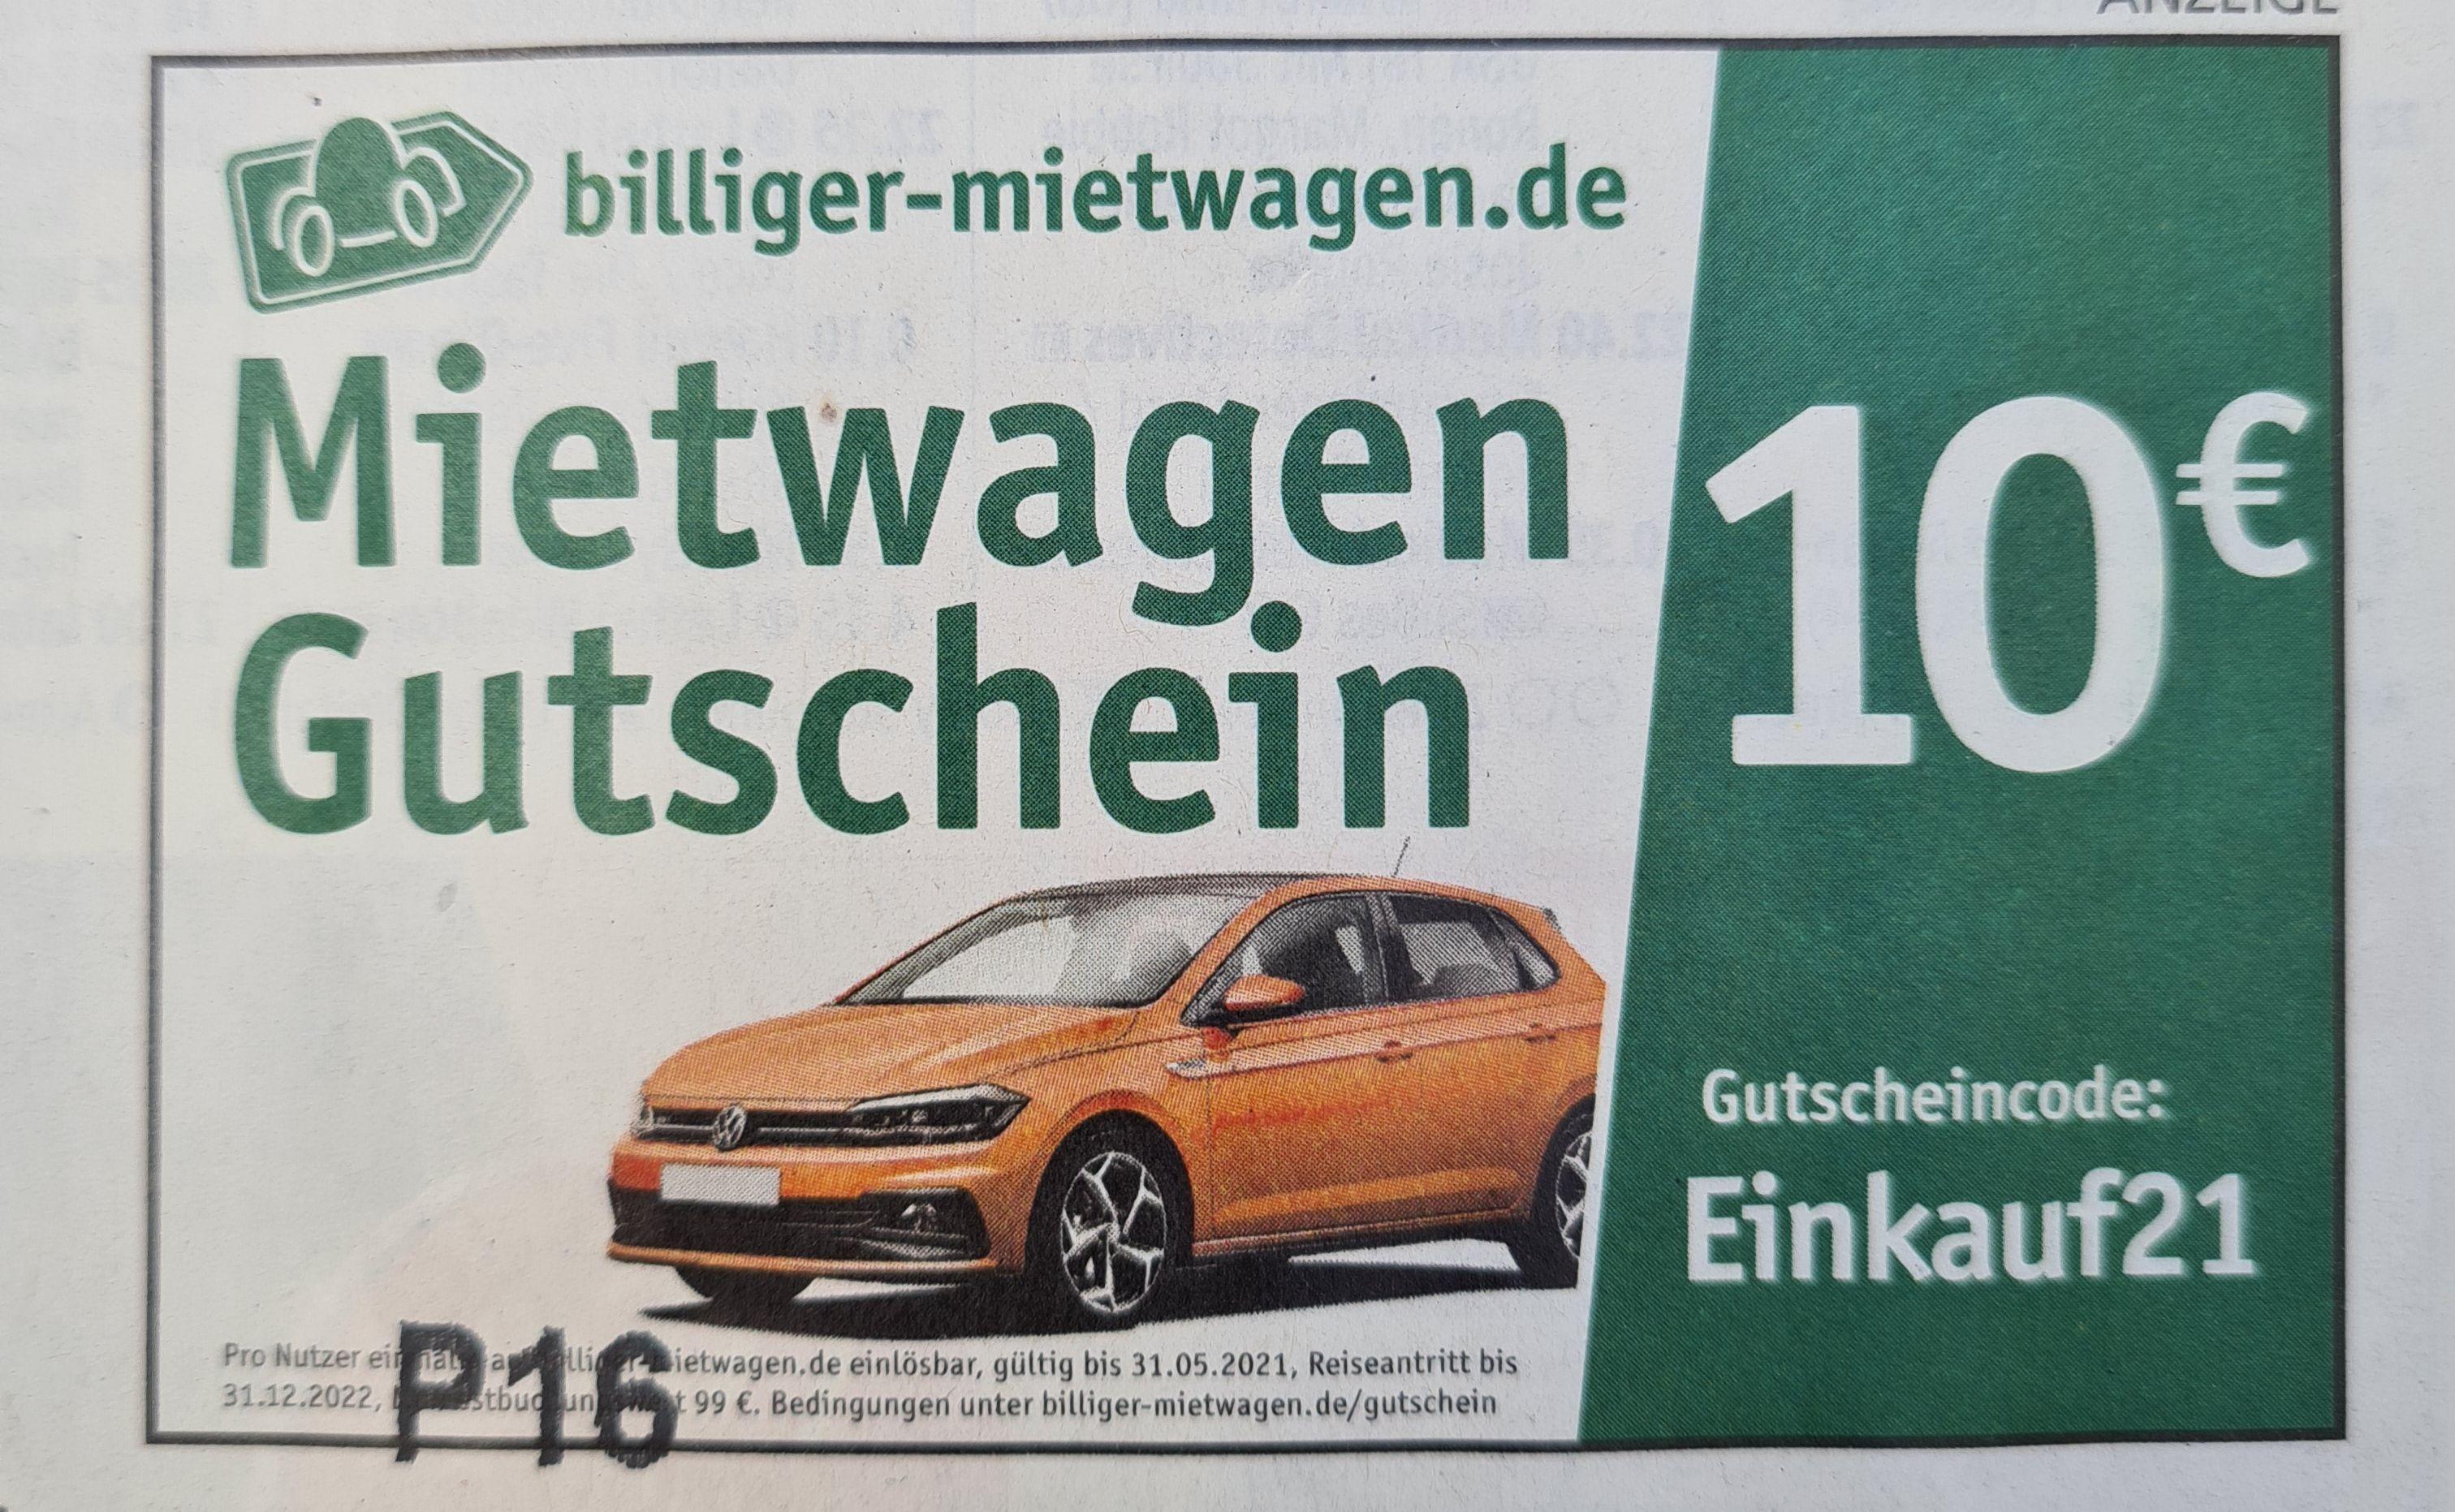 10 € Mietwagen Gutschein - billiger-mietwagen.de